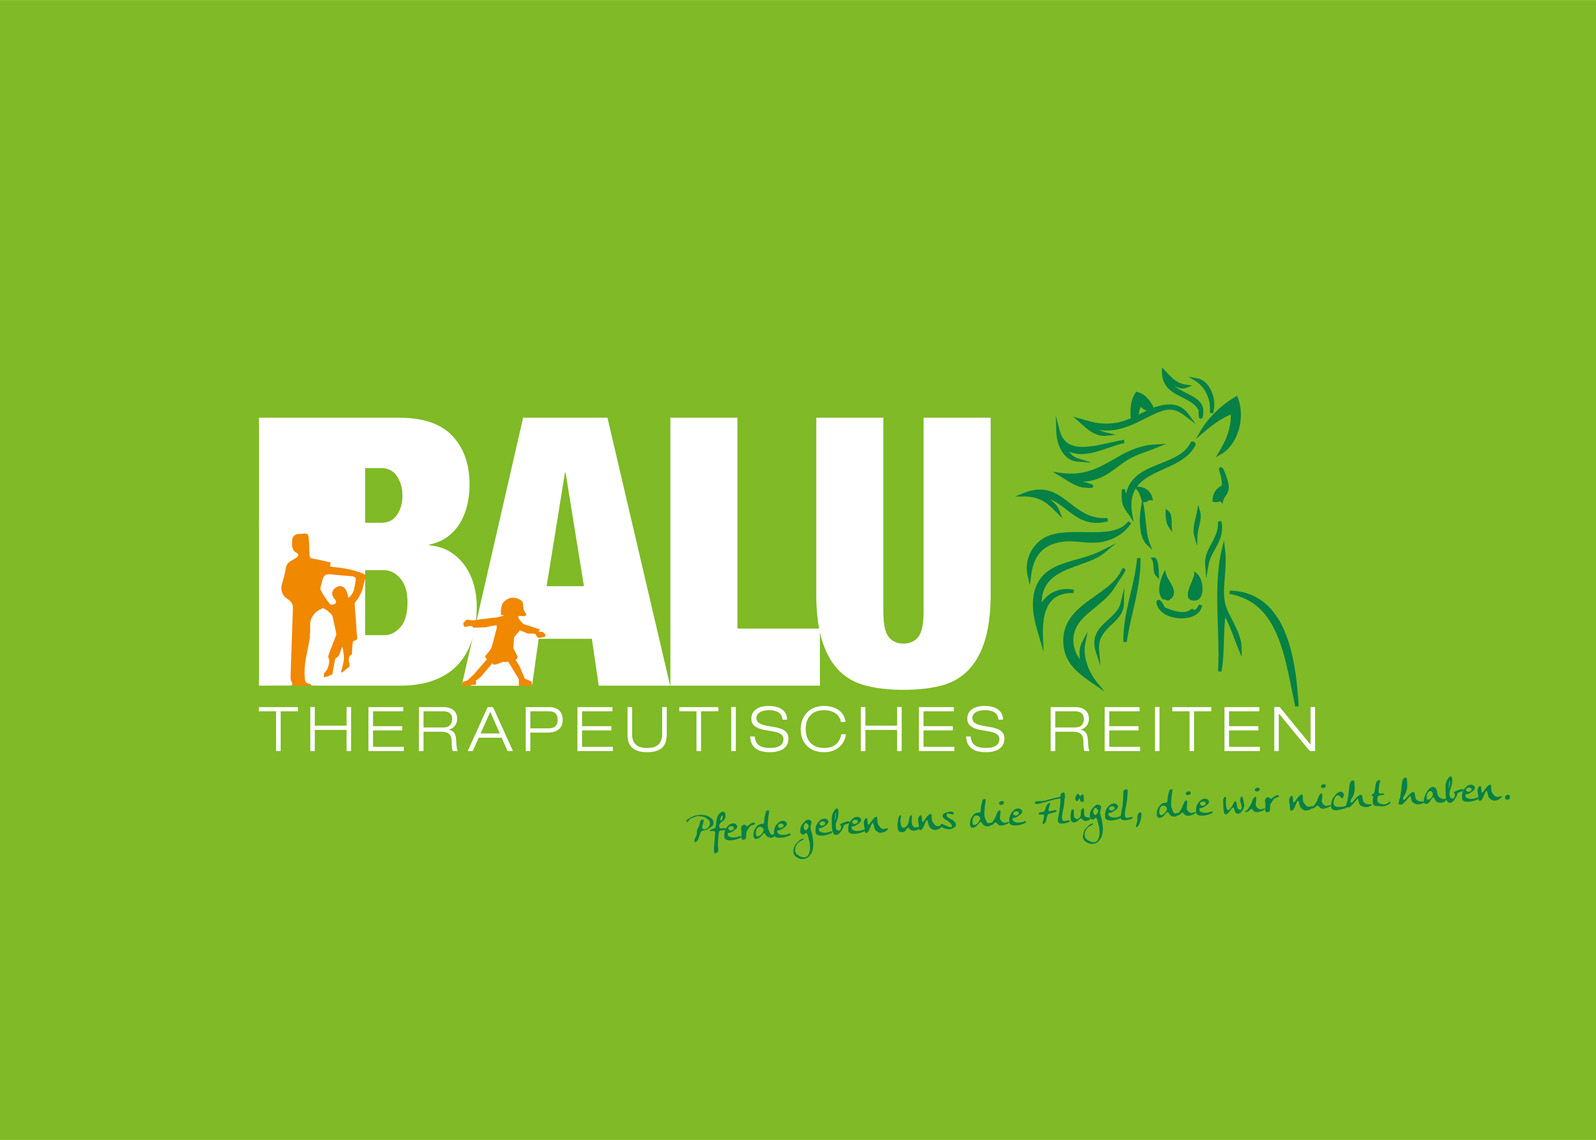 BALU_Reiten_1596x1140.jpg